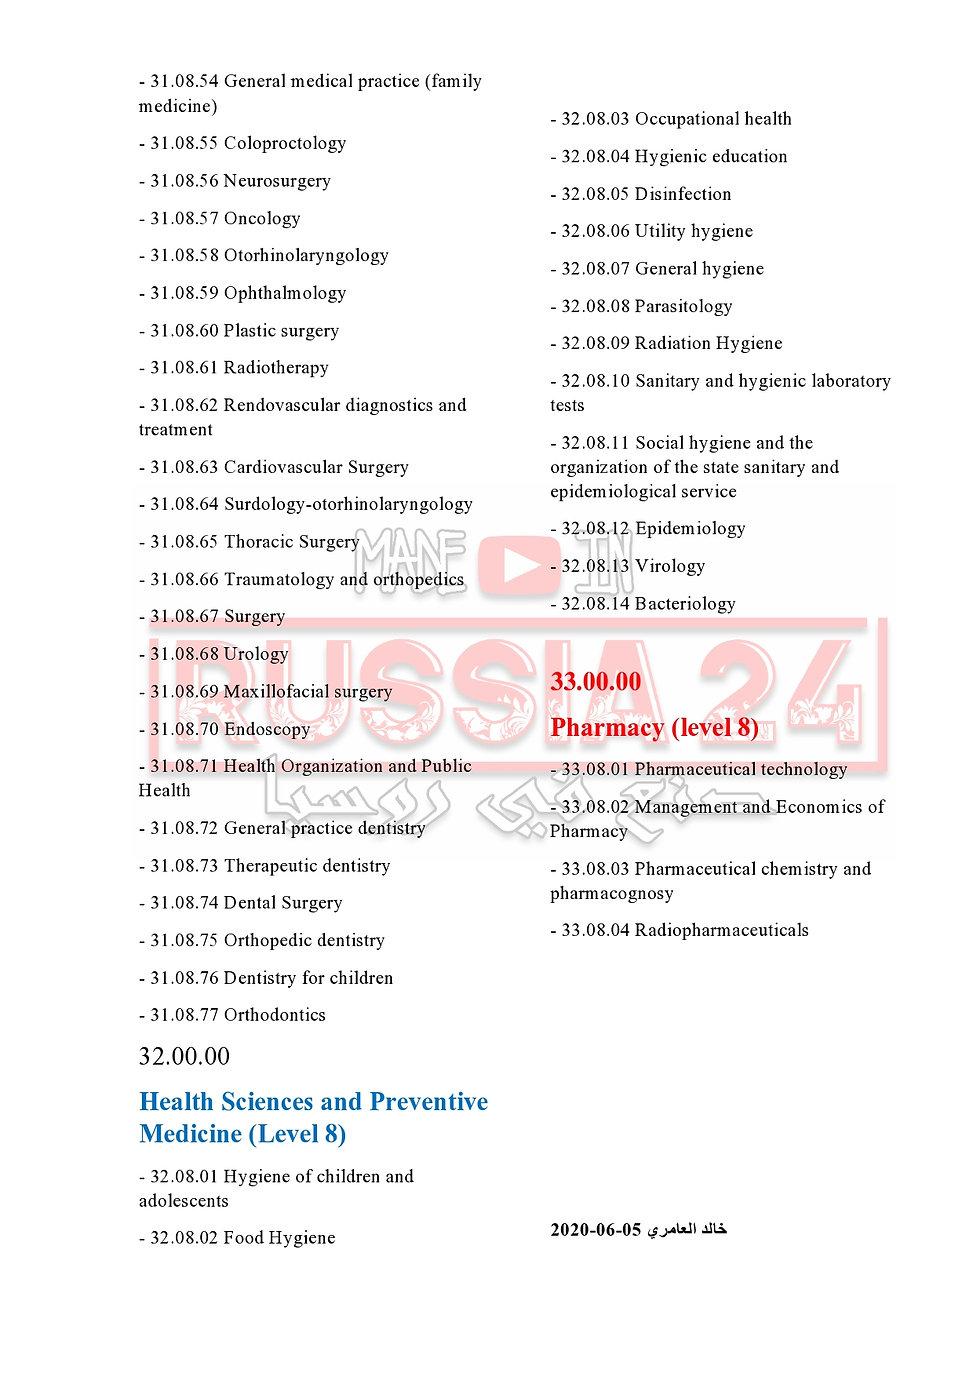 التخصصات الطبية مع الكود-page0002.jpg